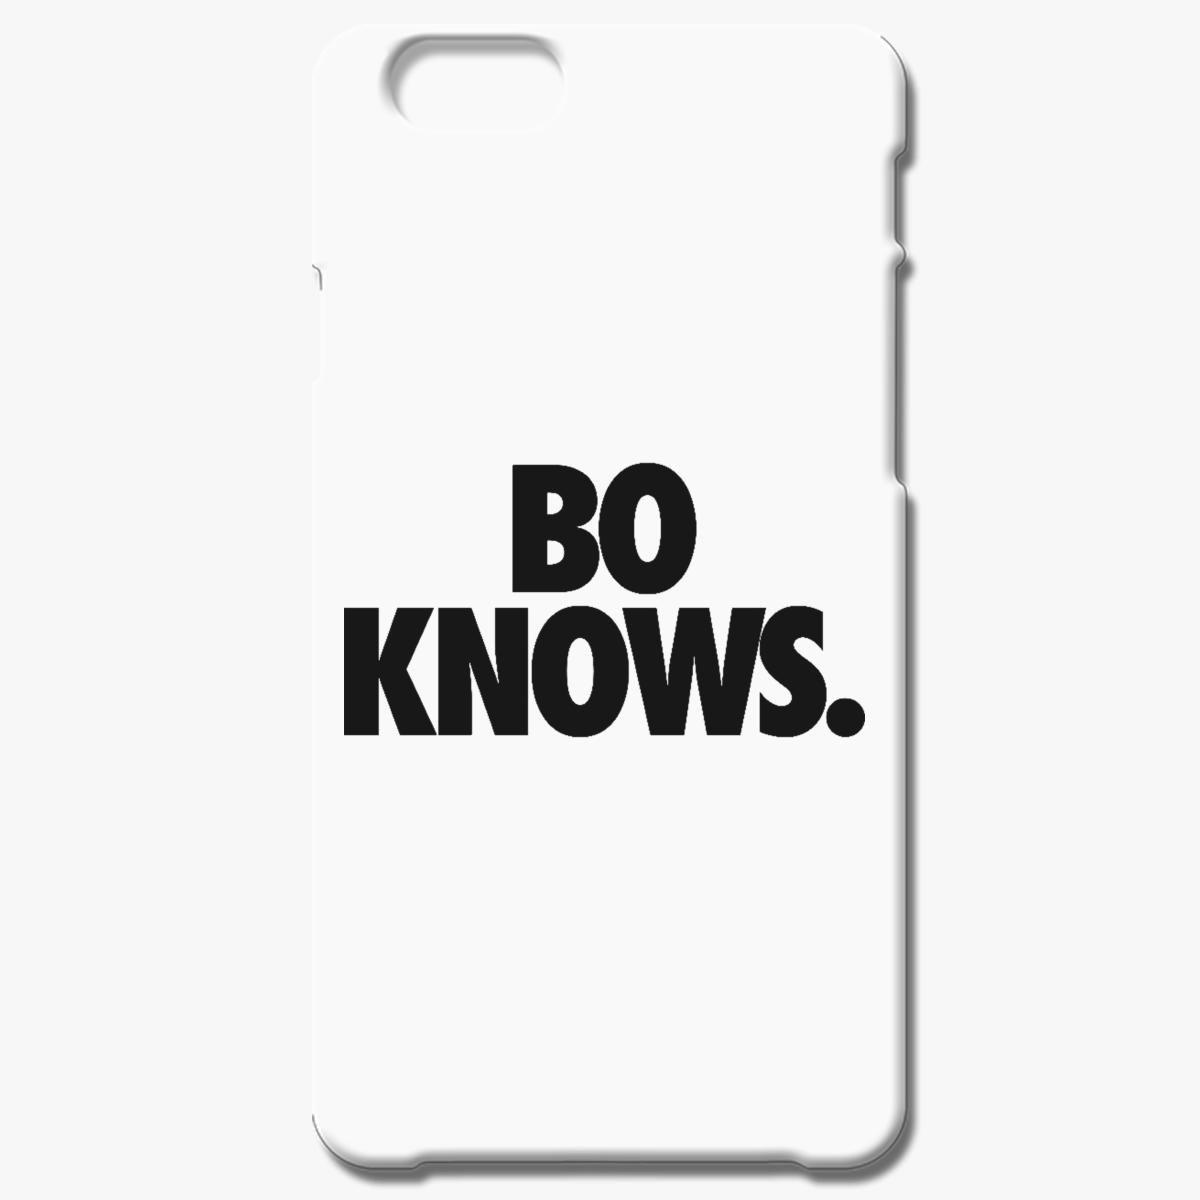 Bo Knows Iphone 6 6s Plus Case